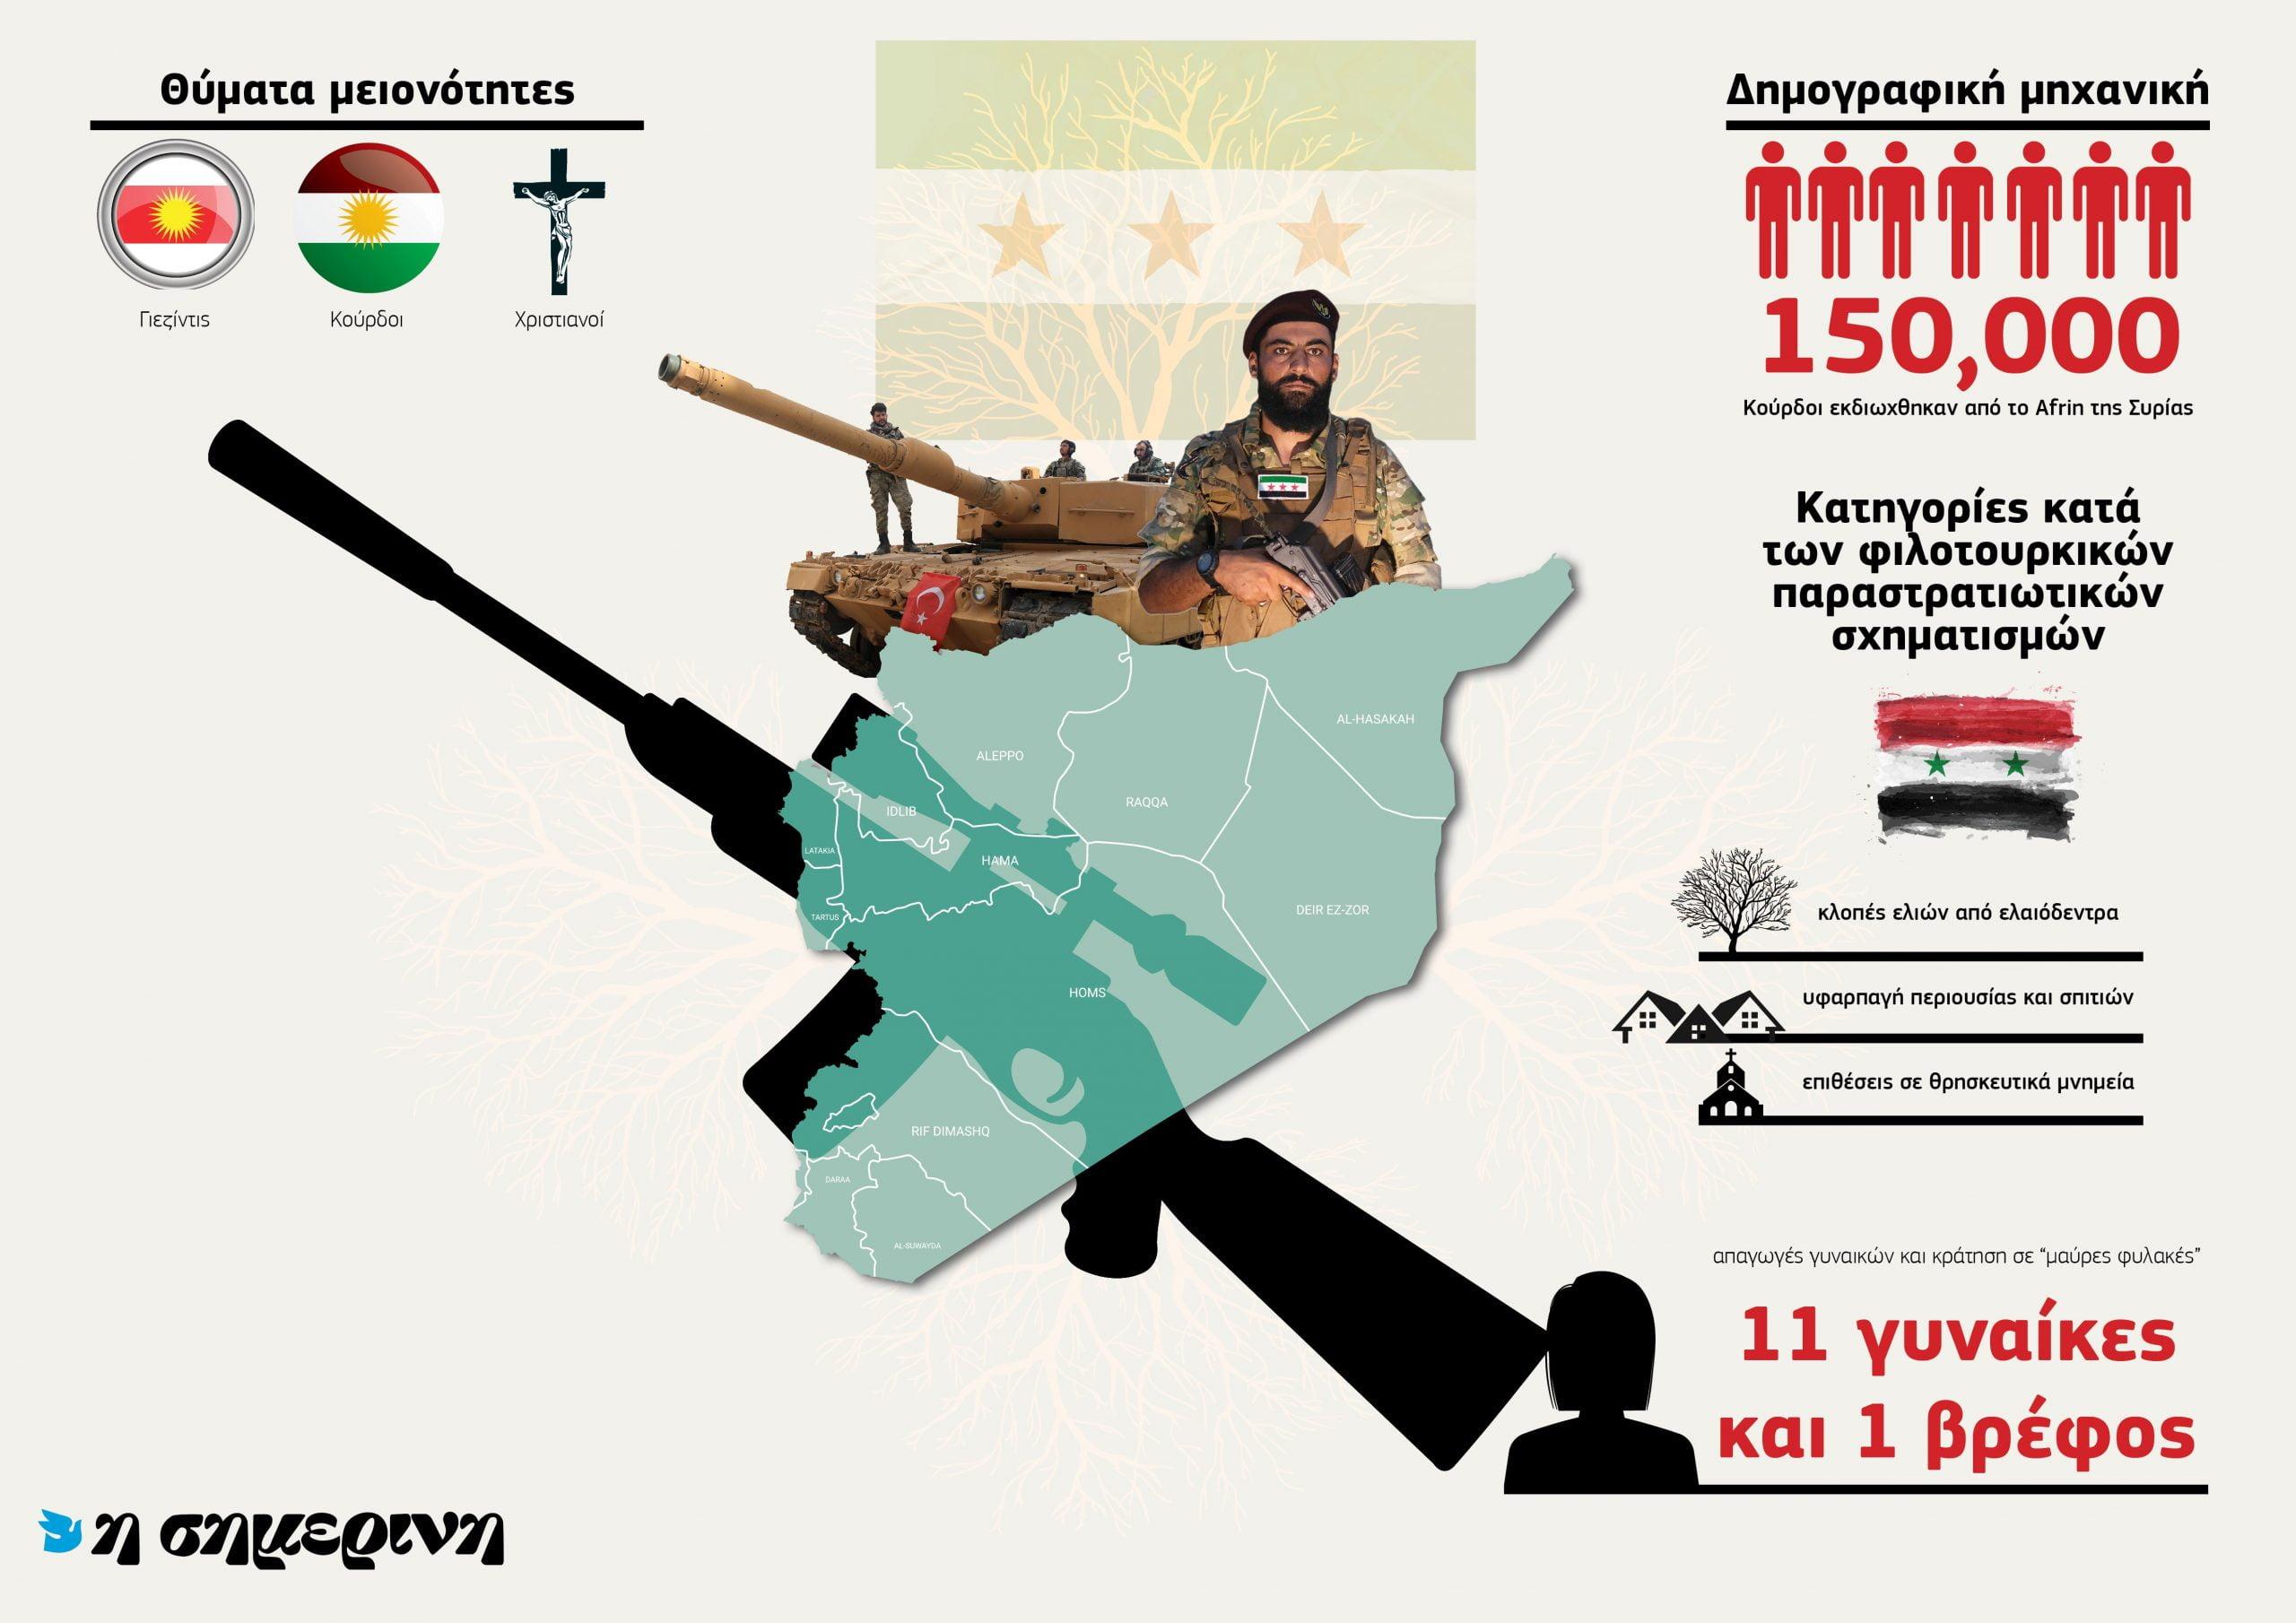 Τουρκία: Κατσάδιασε τους παραστρατιωτικούς κατσαπλιάδες της μετά την έκθεση του ΟΗΕ